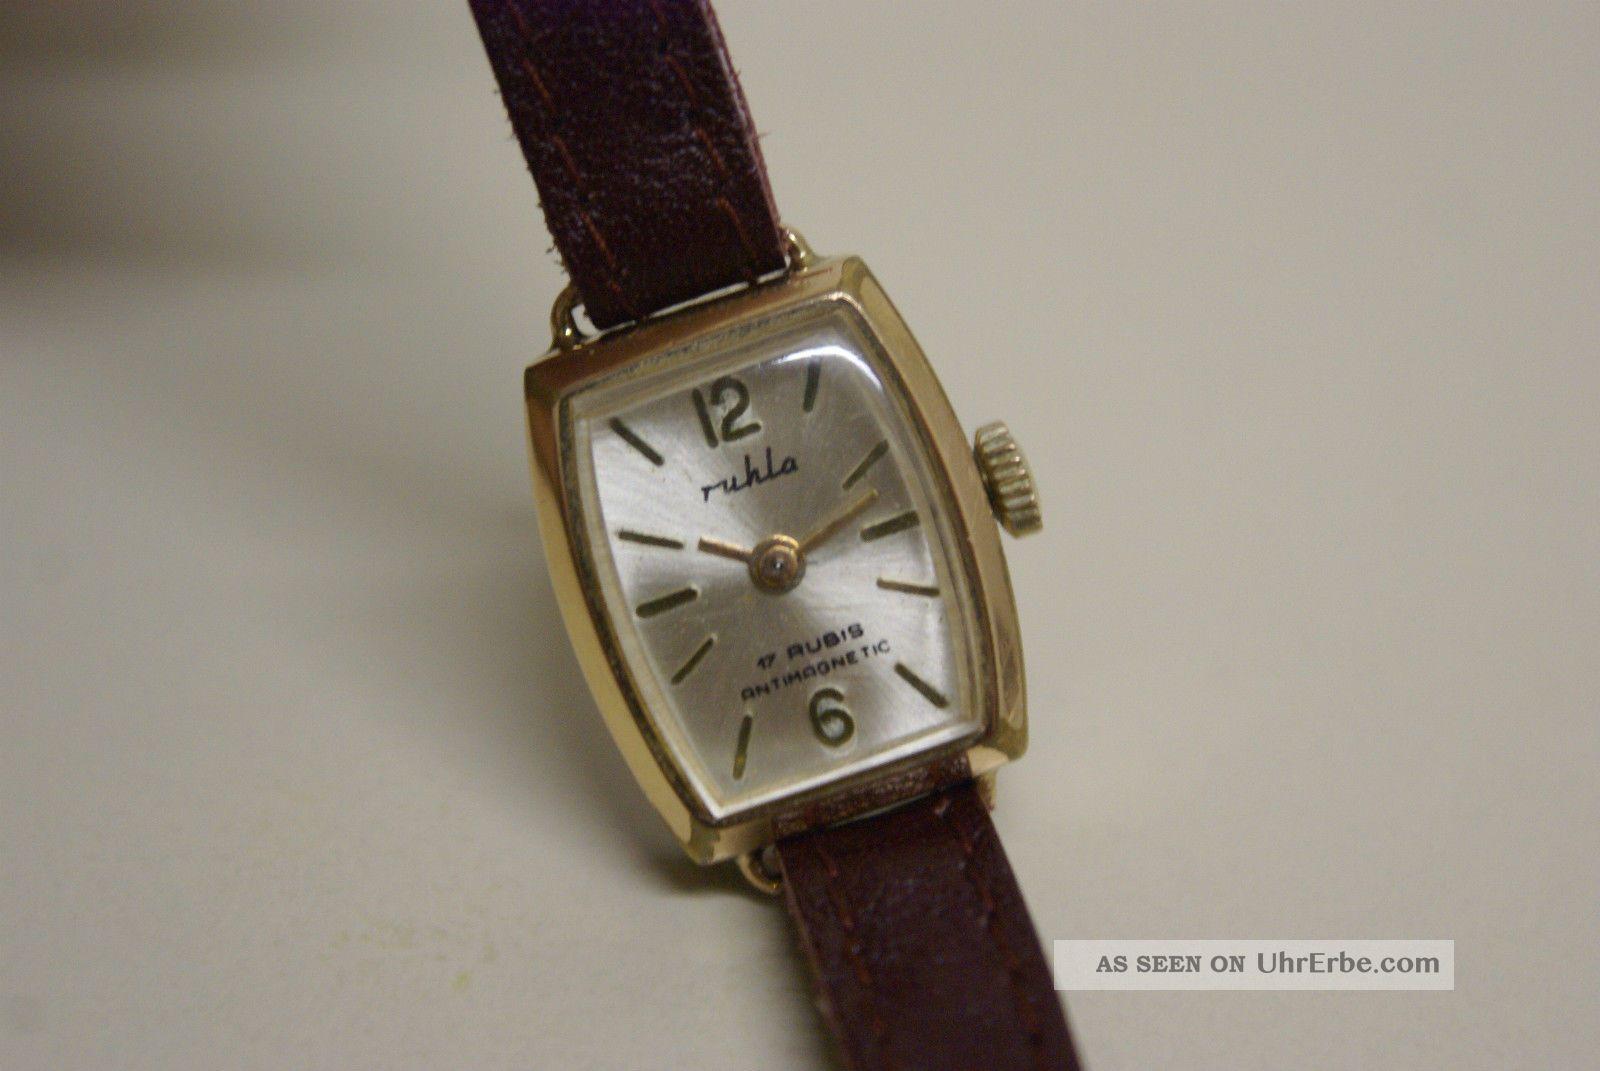 Ruhla Damenuhr,  Handaufzug,  Läuft Sehr Gut Armbanduhren Bild